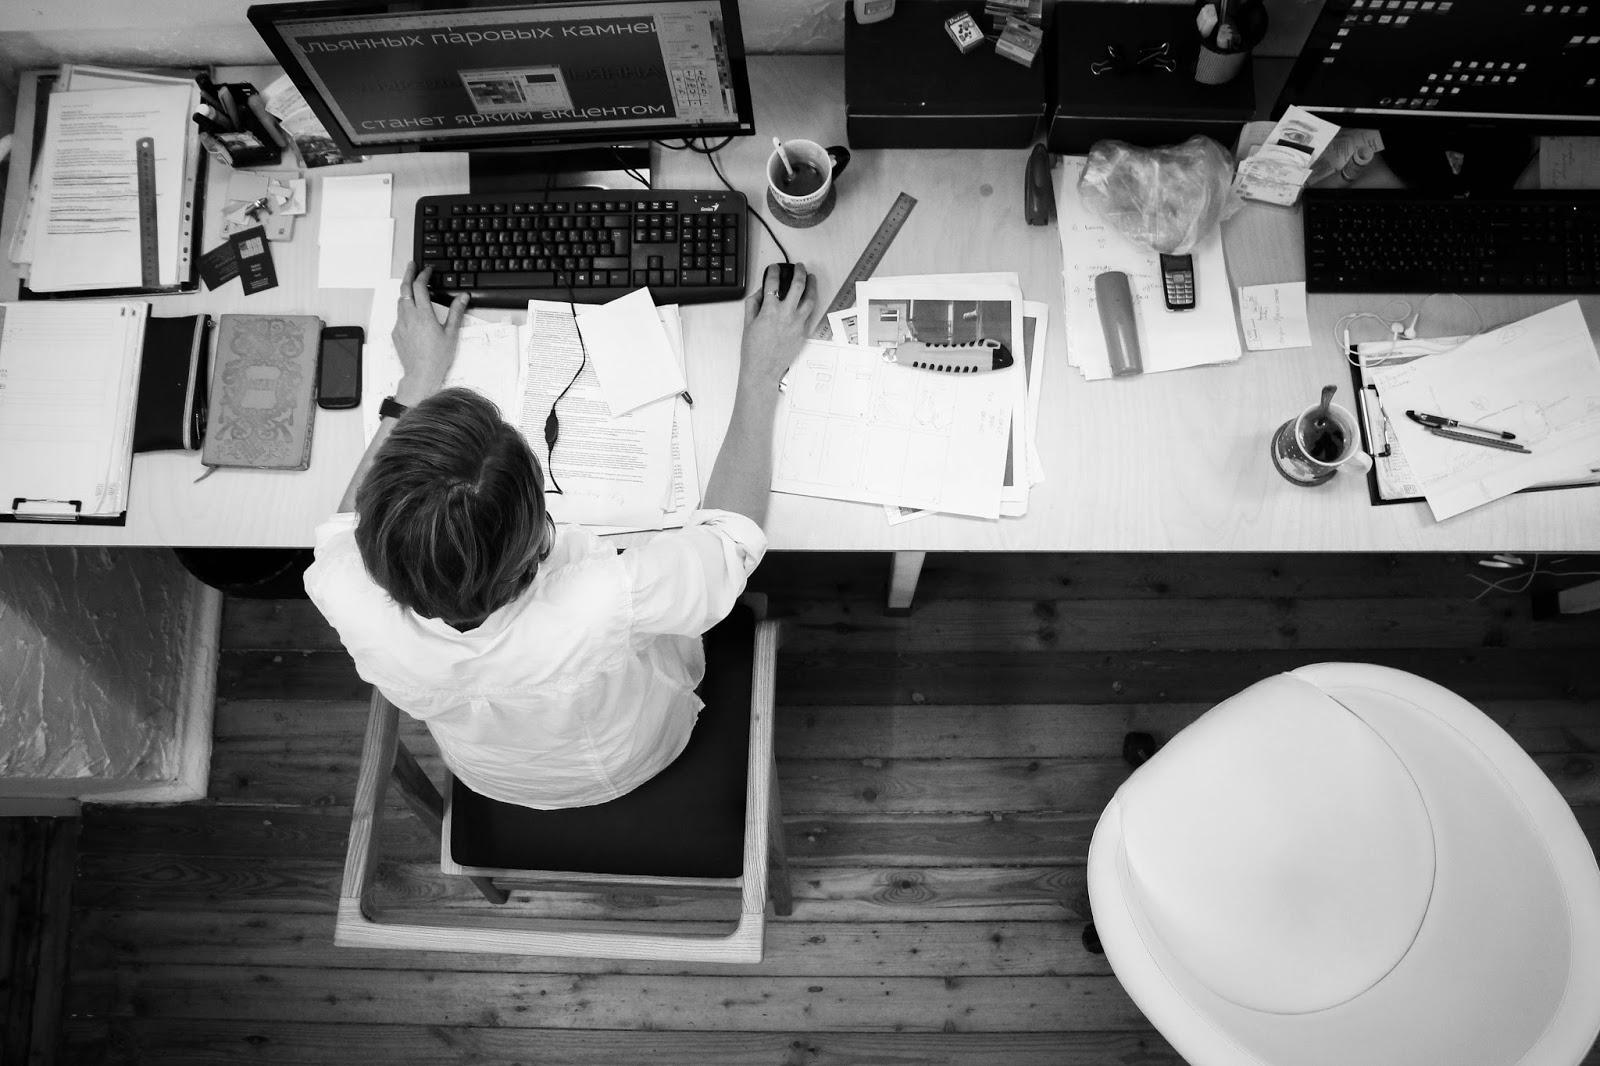 Buat 'To-Do List' dan 'Priority' Apabila Kerja Terlalu Banyak